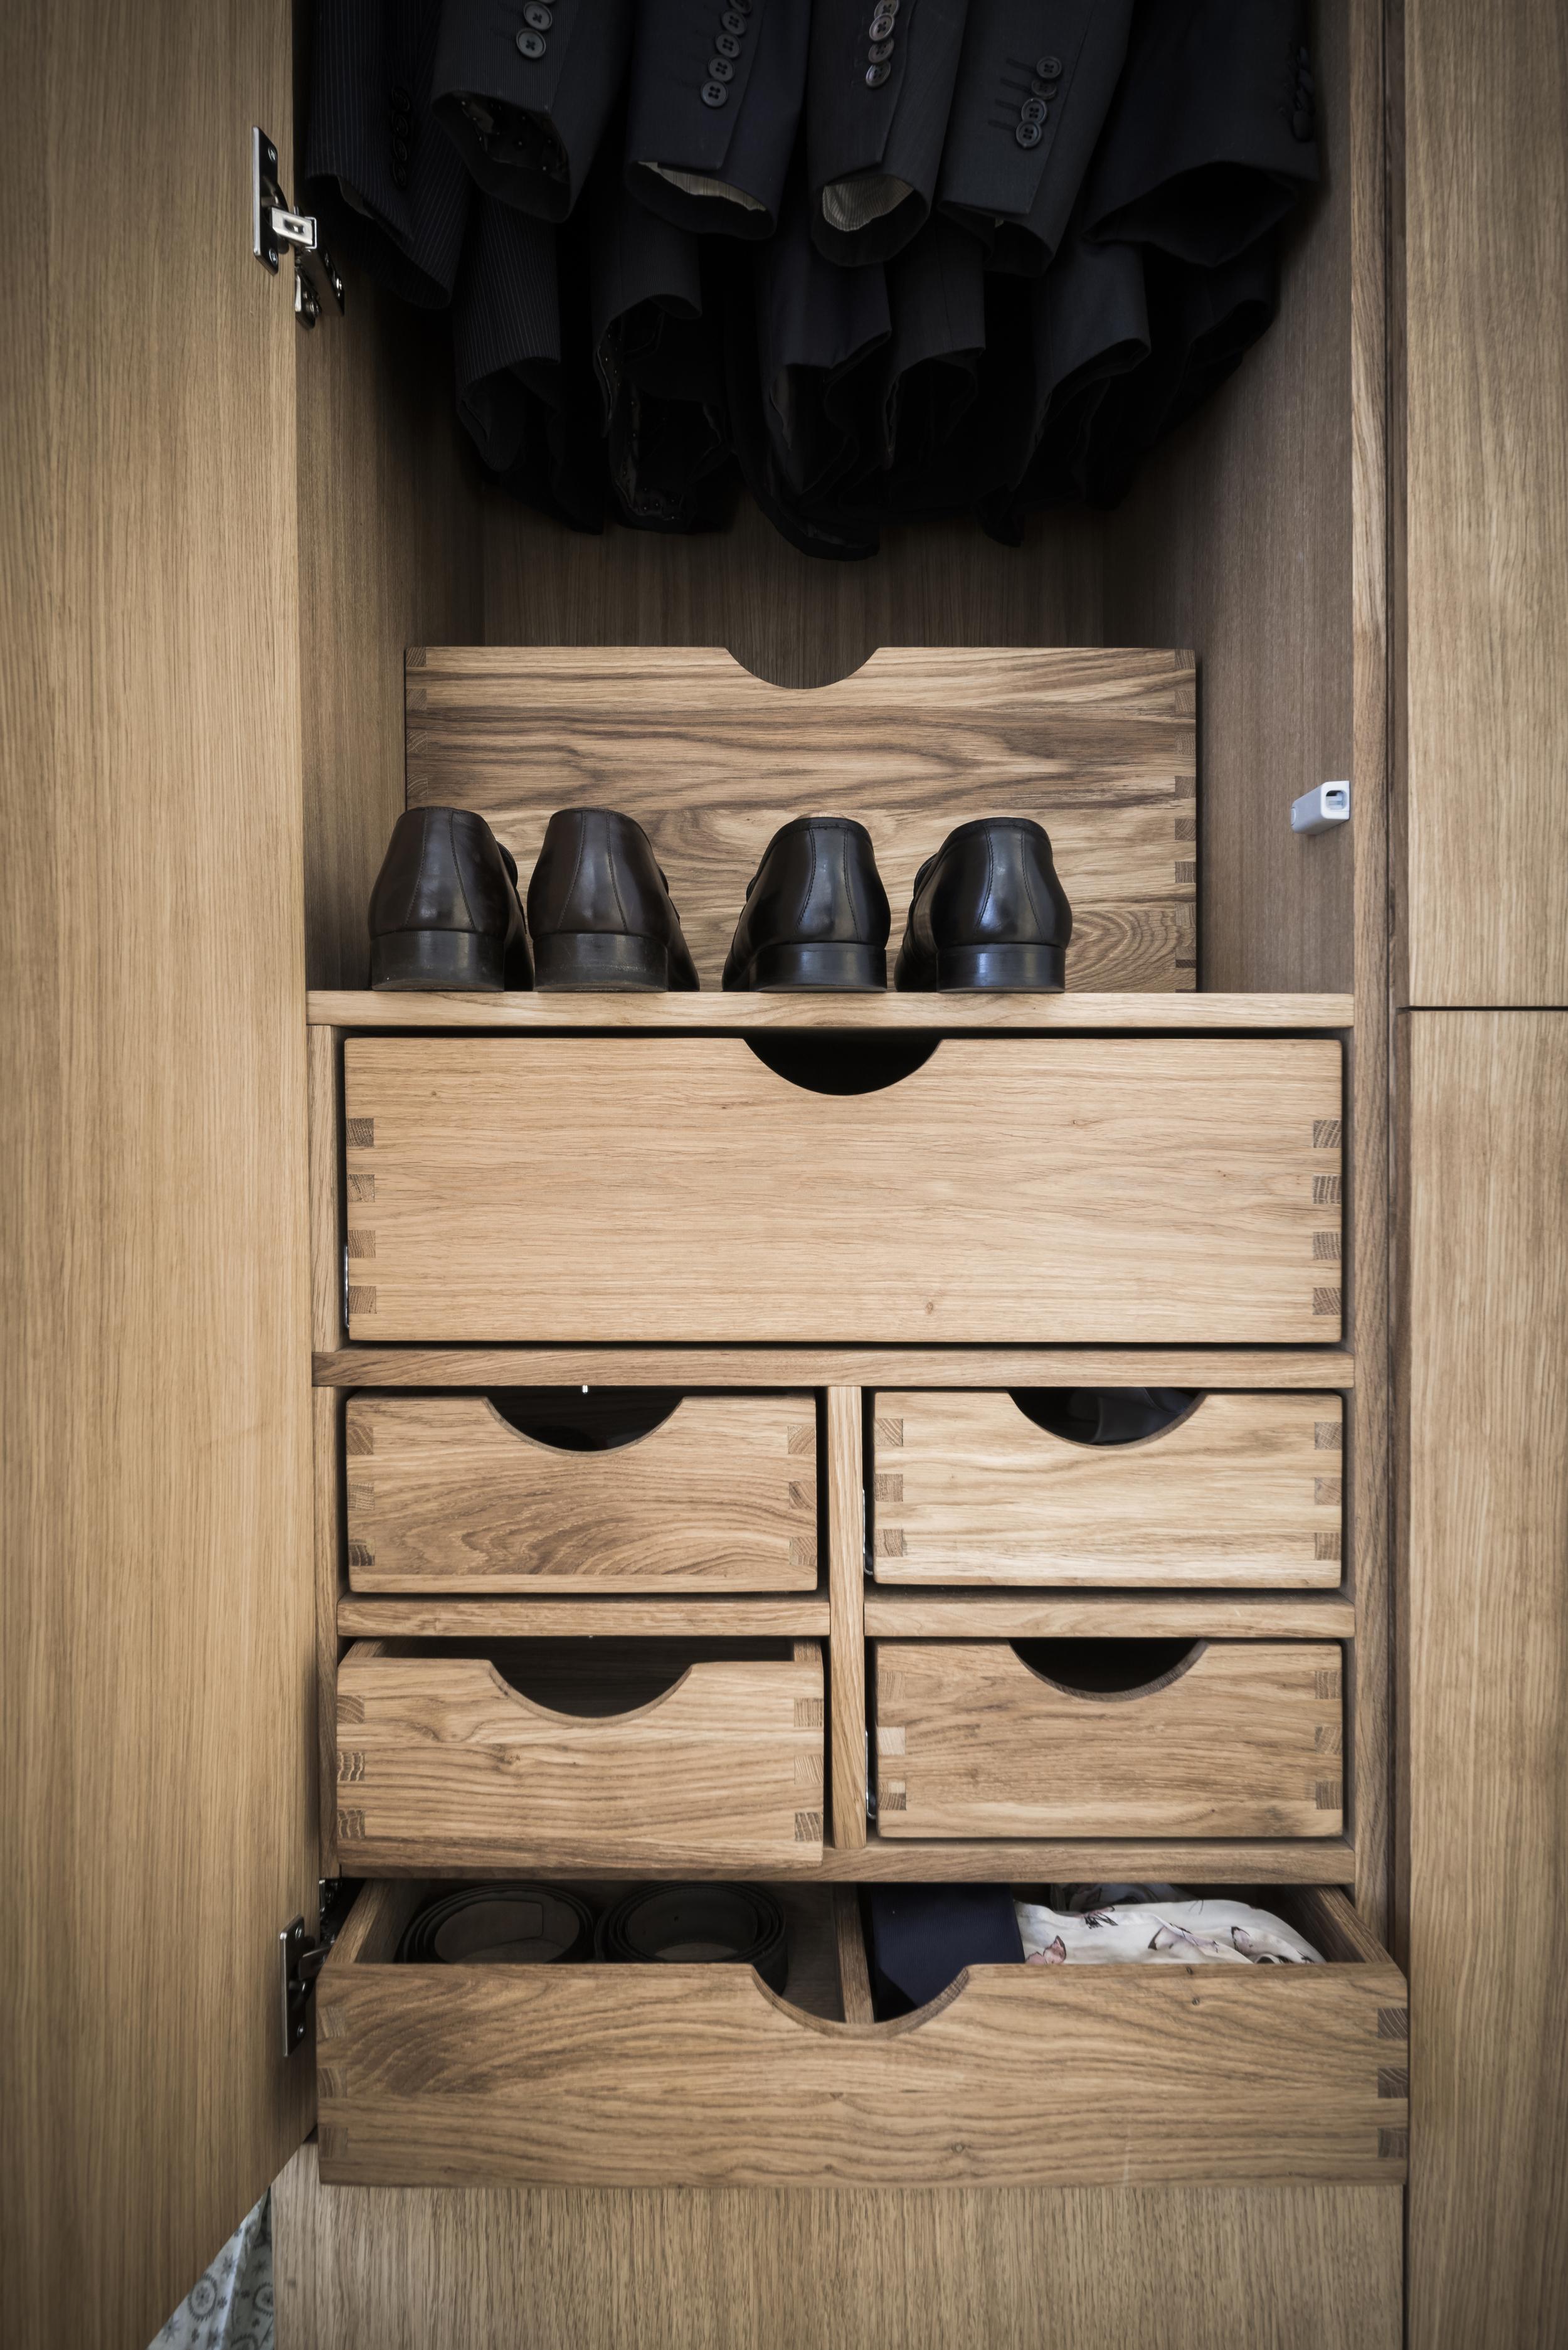 Praktiske løsninger i garderobeskapet. Her er det plass til både klær og sko.